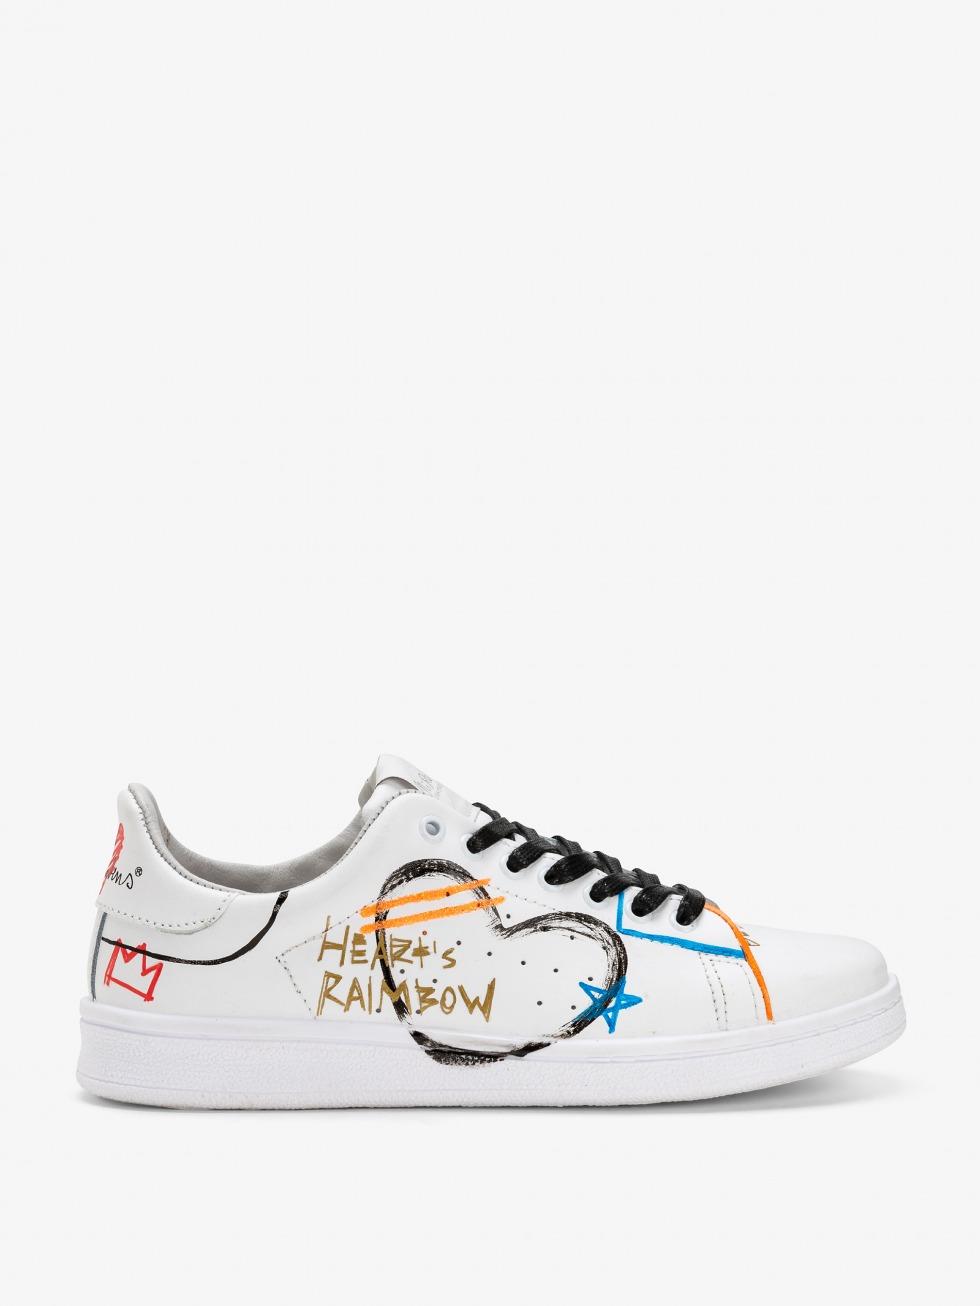 Sneakers con disegni e scritte colorate